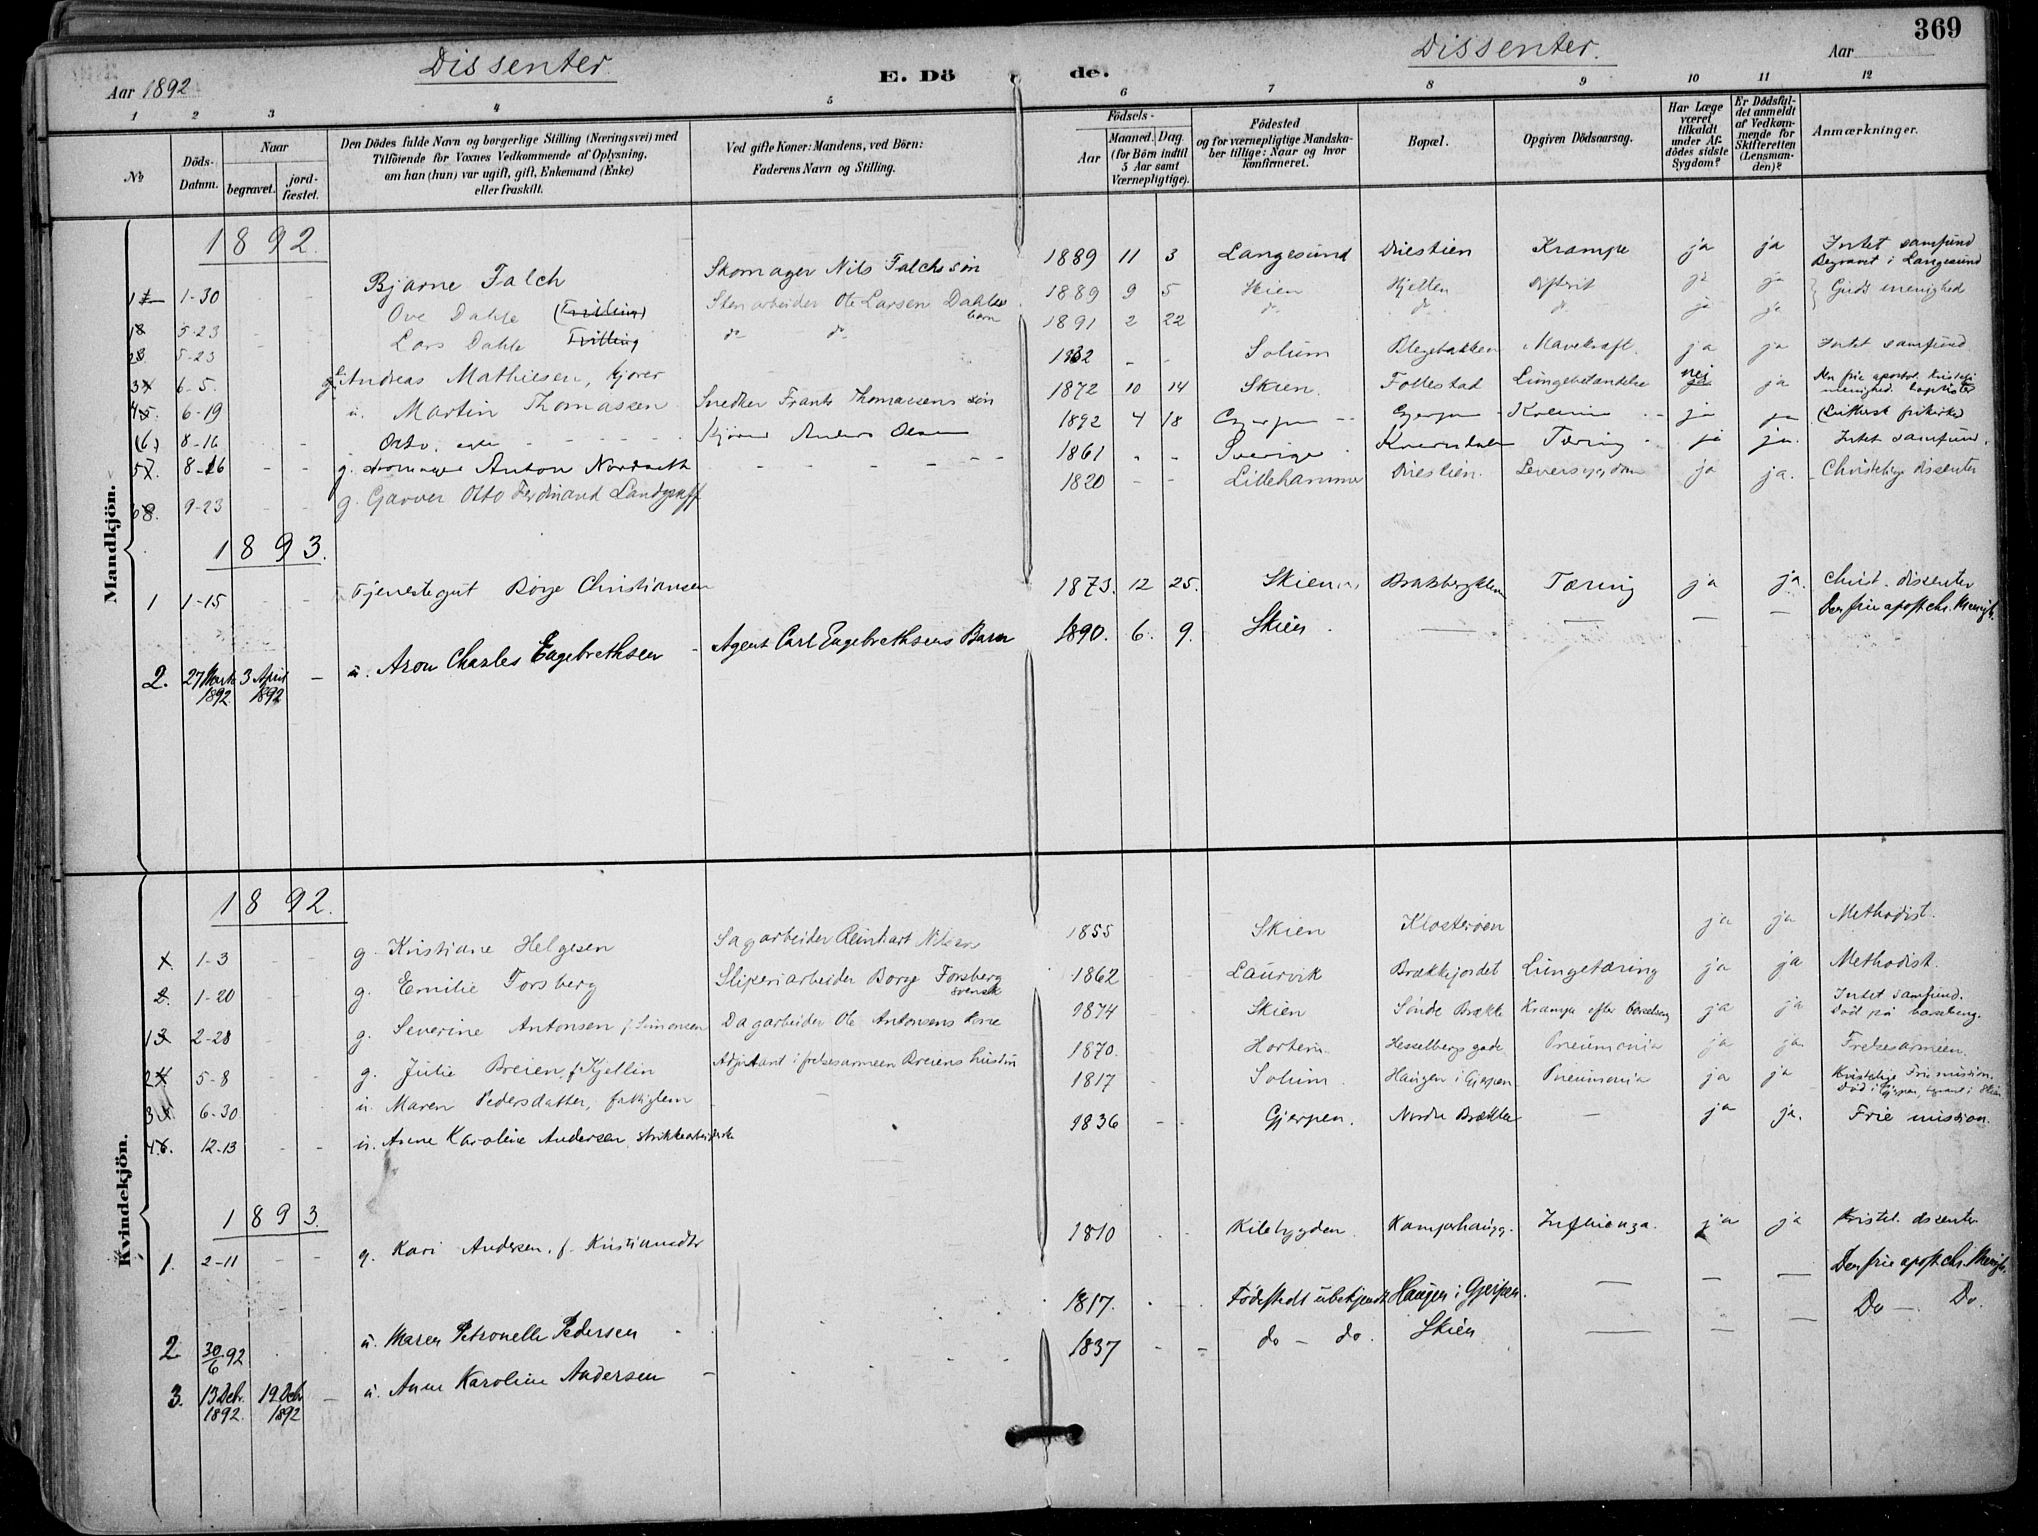 SAKO, Skien kirkebøker, F/Fa/L0010: Ministerialbok nr. 10, 1891-1899, s. 369